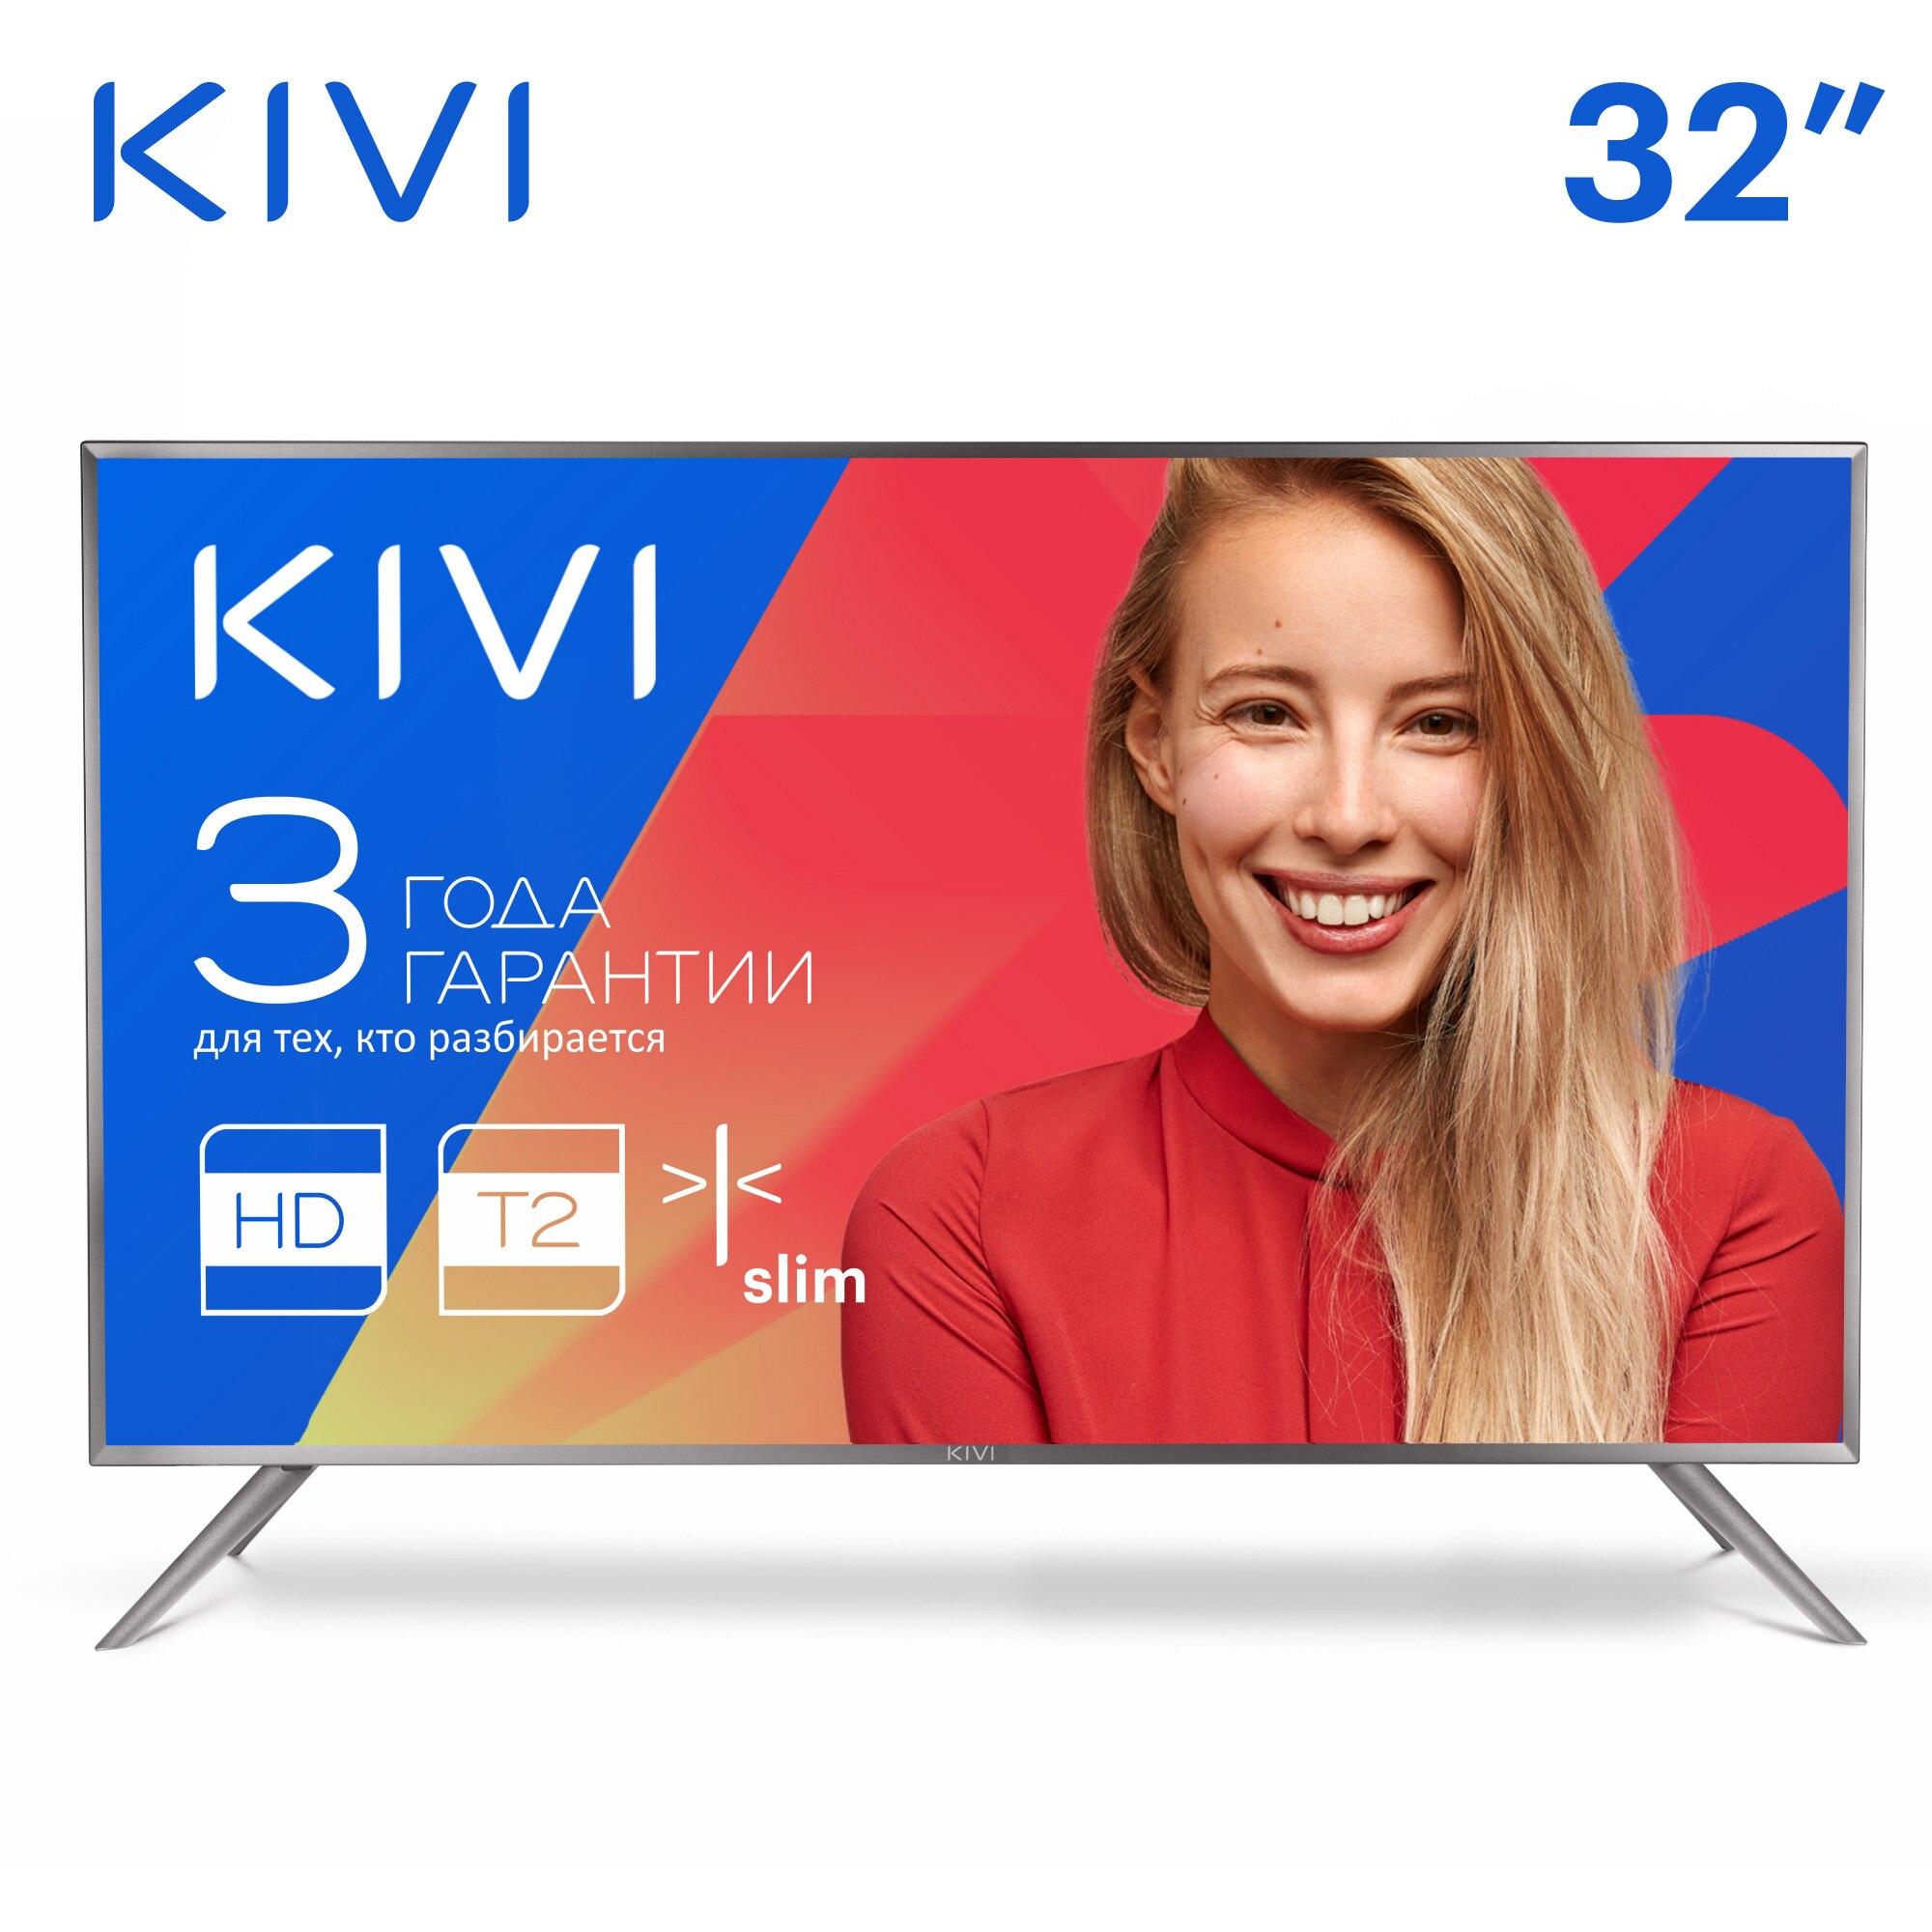 Televisore LED KIVI 32HB50GR HD Tv 32inchTv digitale dvb dvb-t dvb-t2